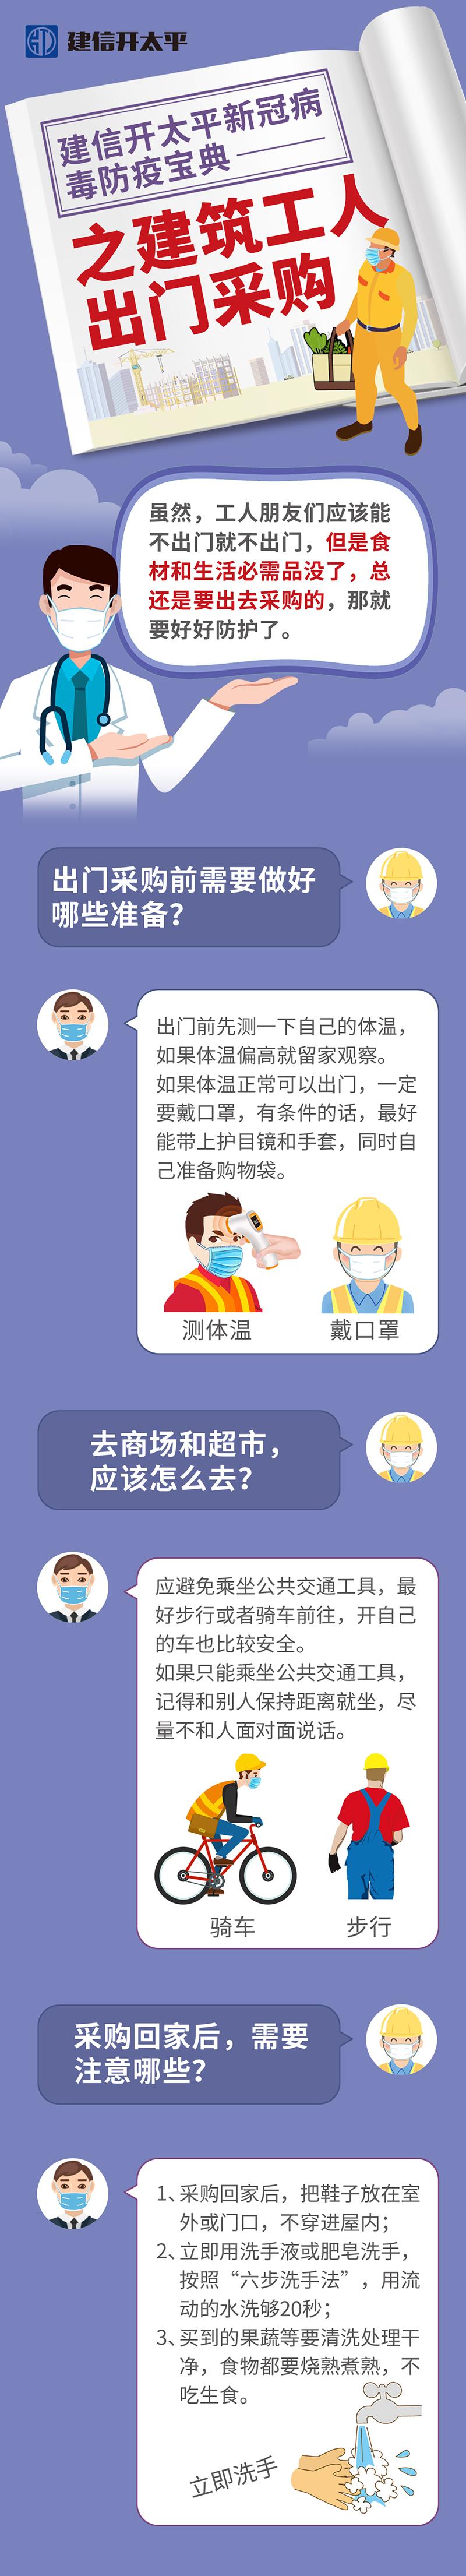 专题十三:建筑工人出门采购.jpg